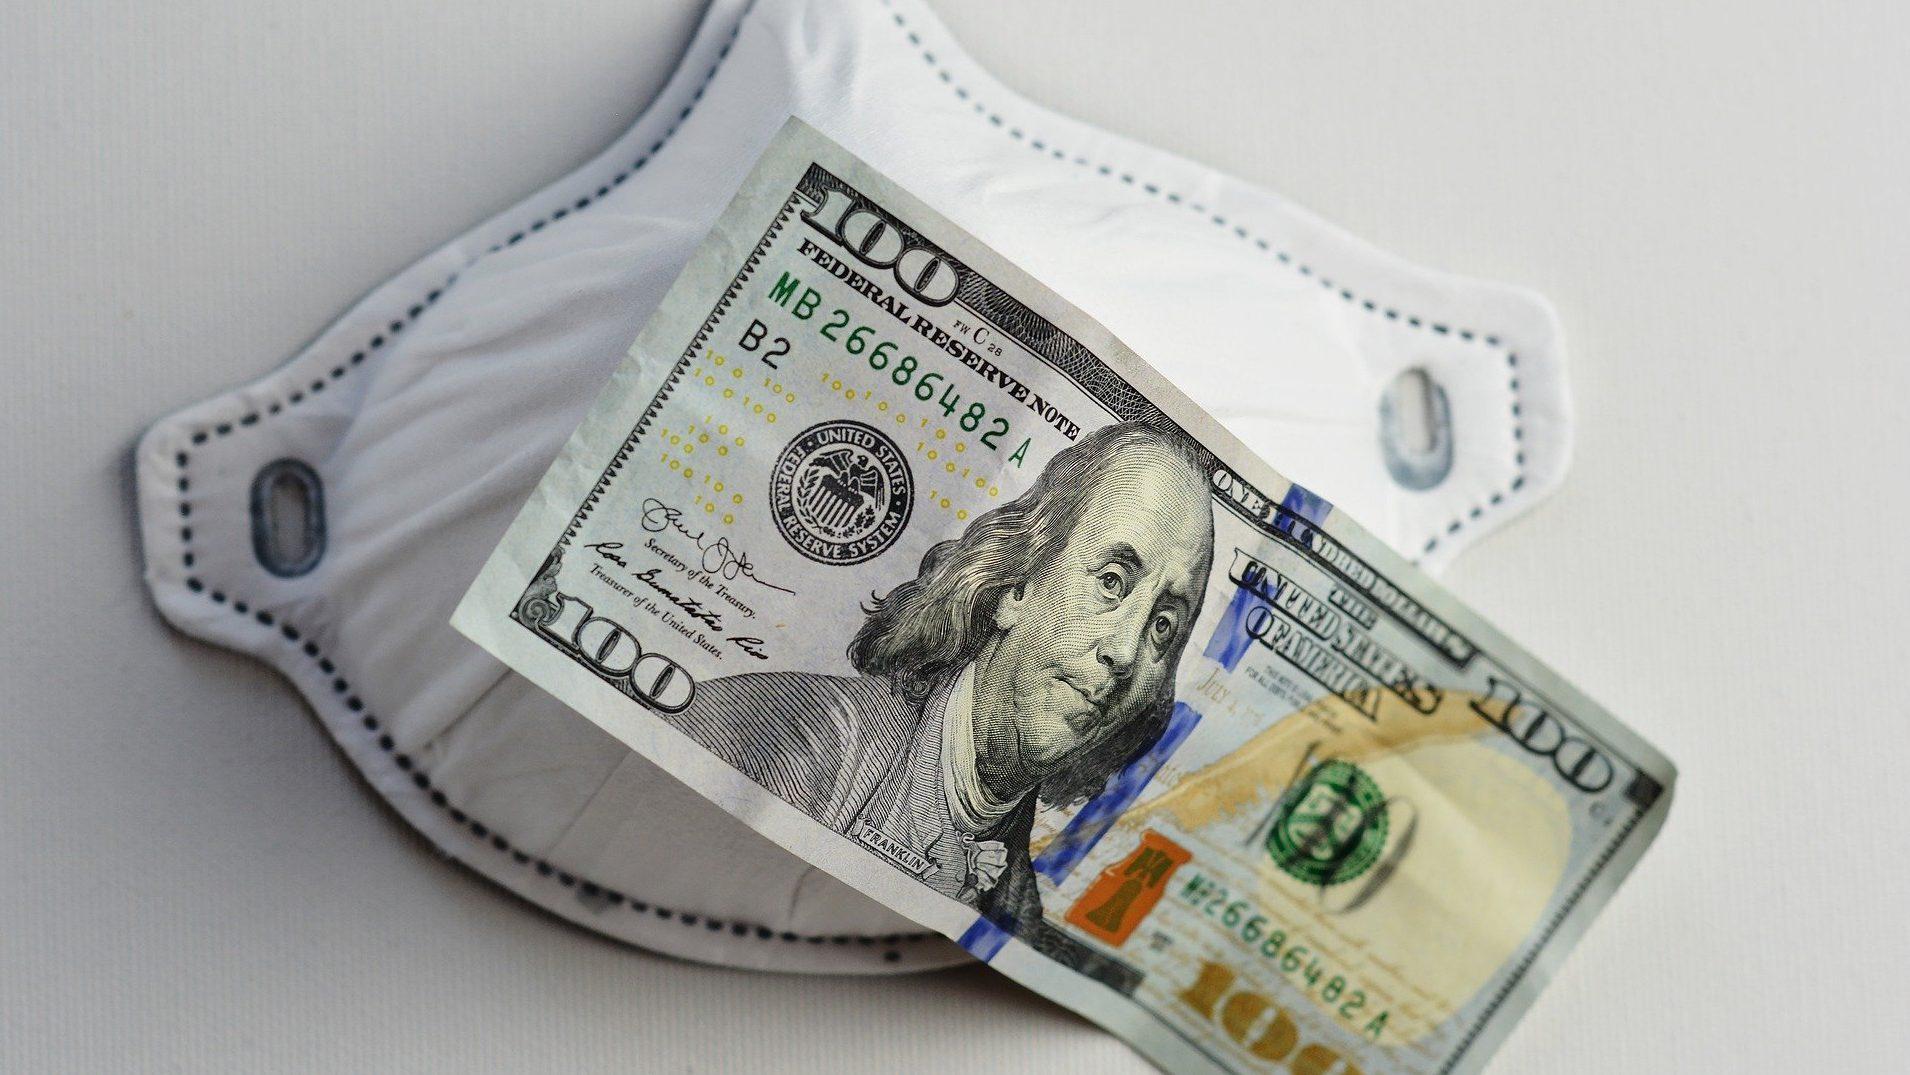 כפייה של תשלום תביעות קורונה יערער את היציבות הפיננסית של תעשיית הביטוח